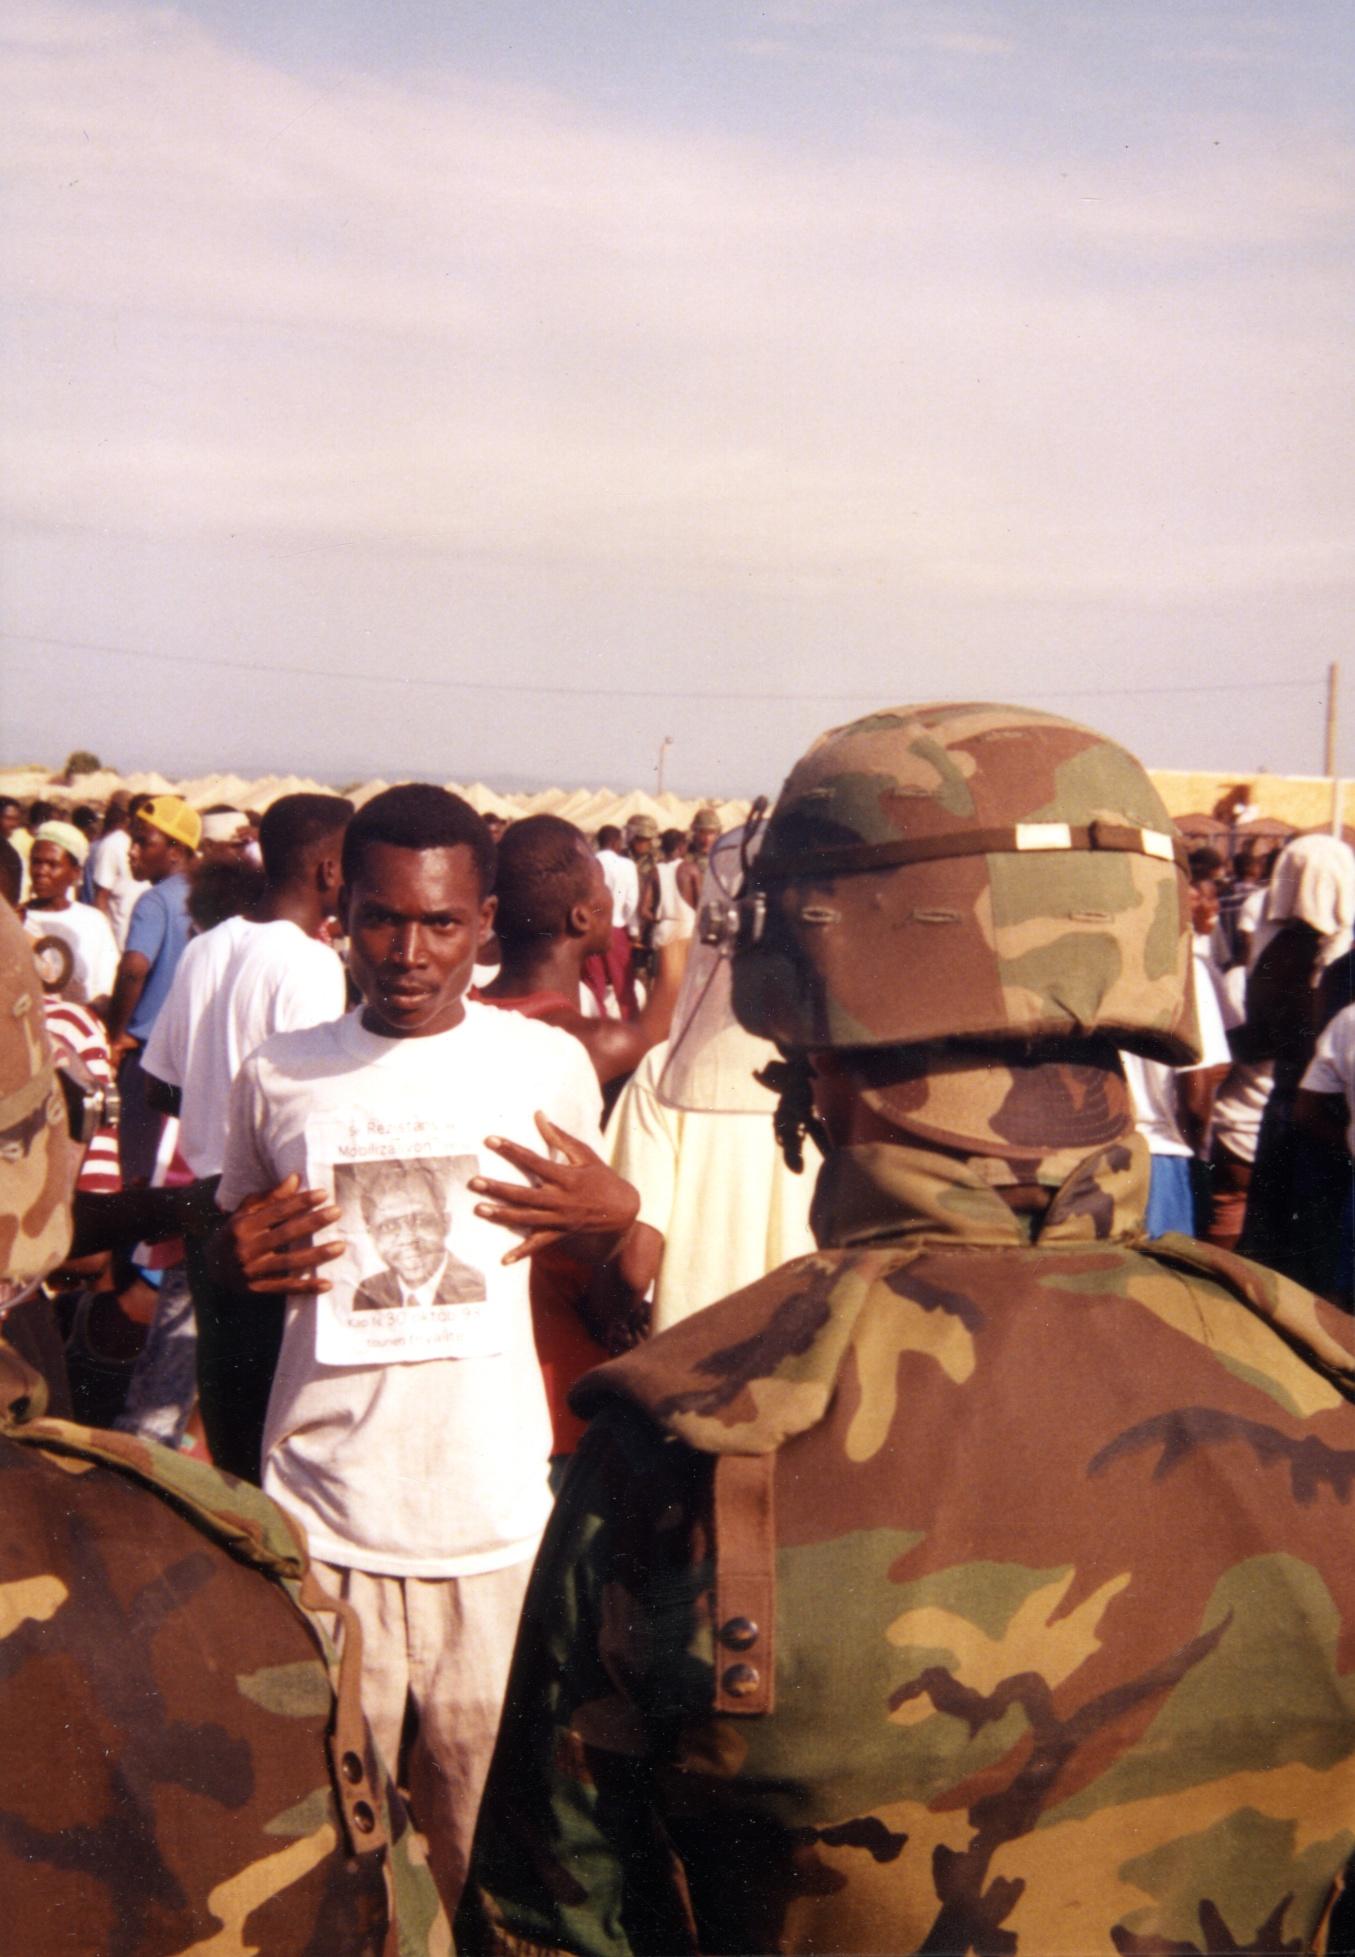 This Week at Guantánamo: 2013 and 1993 Thumbnail Image